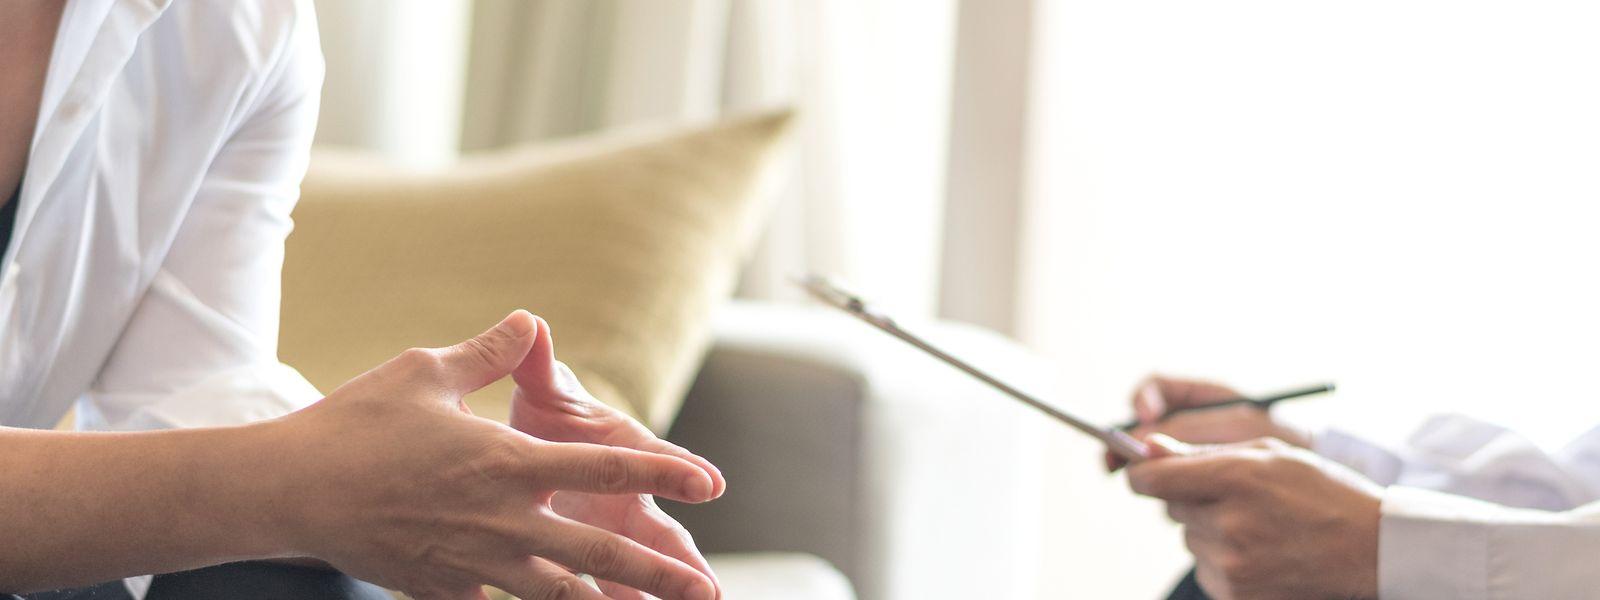 Möglichst schnell möchten die Psychotherapeuten nun an den Verhandlungstisch zurück, um die Konvention mit der CNS und die Nomenklatur zu regeln.